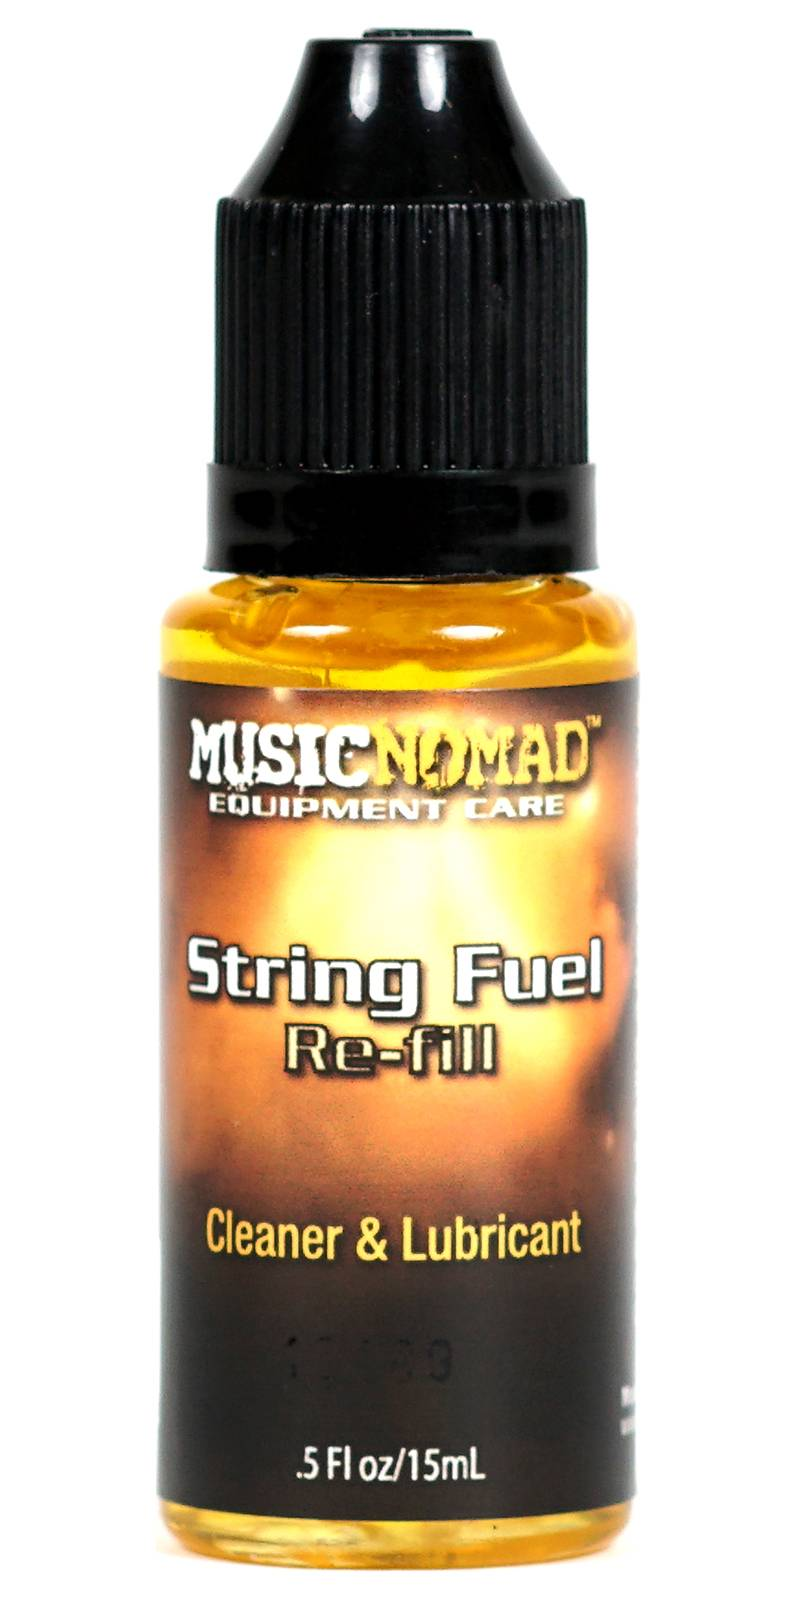 REPUESTO MUSIC NOMAD P/STRING FUEL